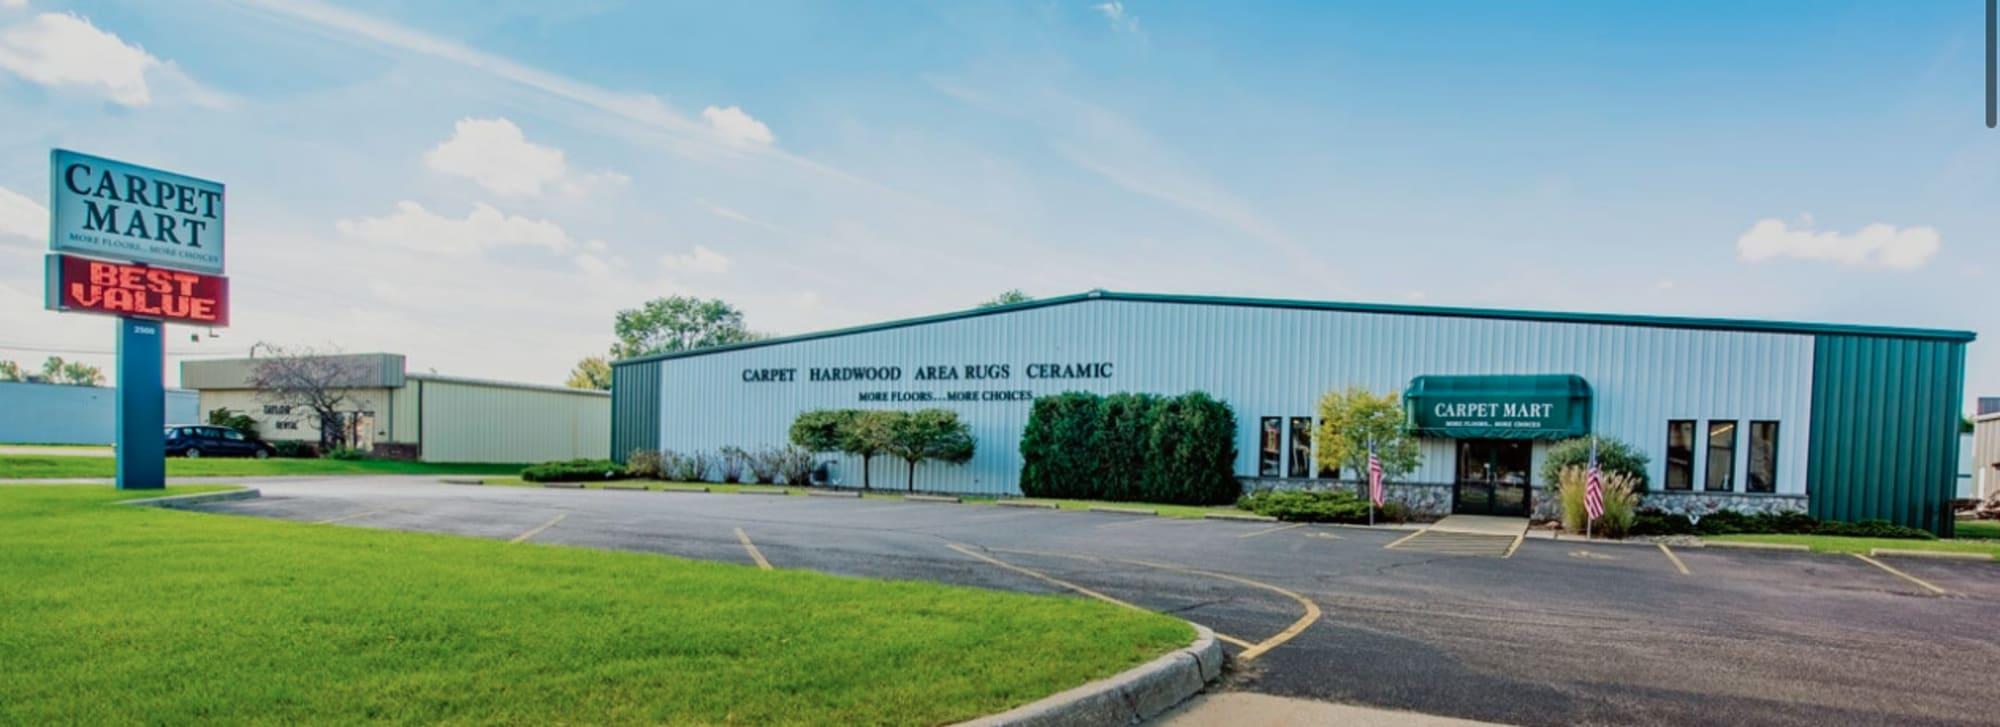 Carpet Mart - 2500 M-139 Benton Harbor, MI 49022